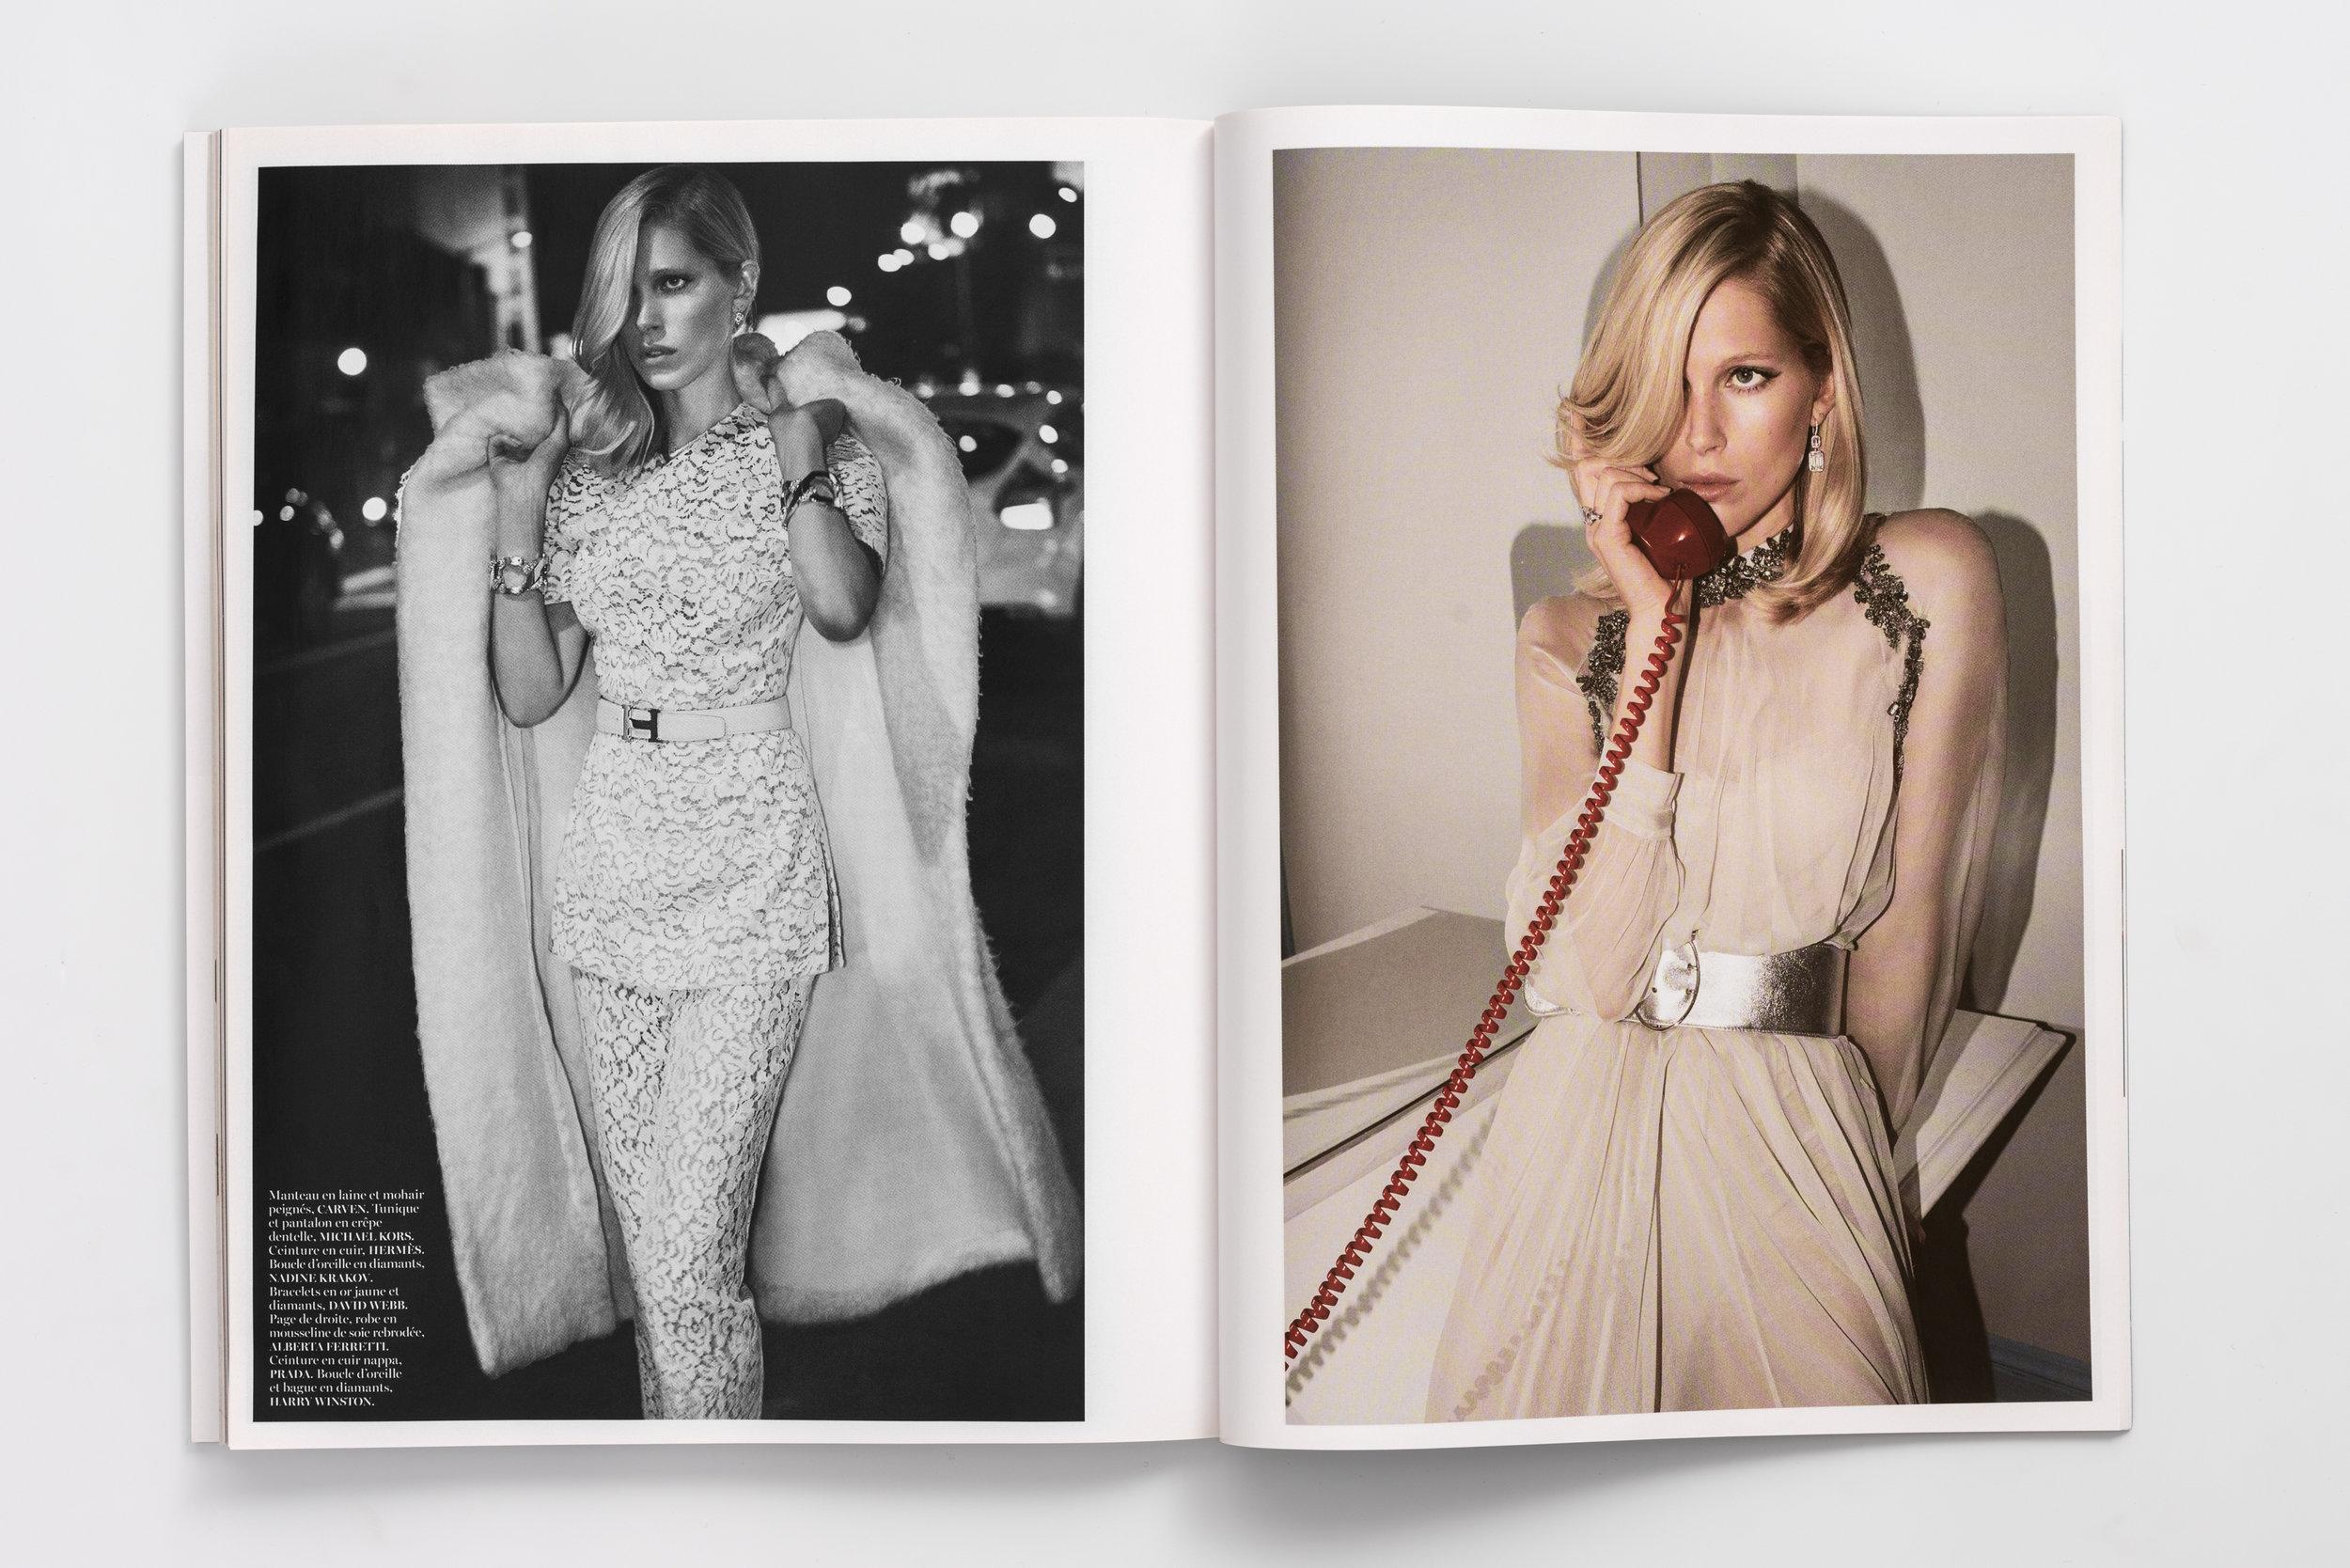 Iselin Steiro_Glen Lucheford_Vogue Paris_L.A. Confidentiel_7.jpg